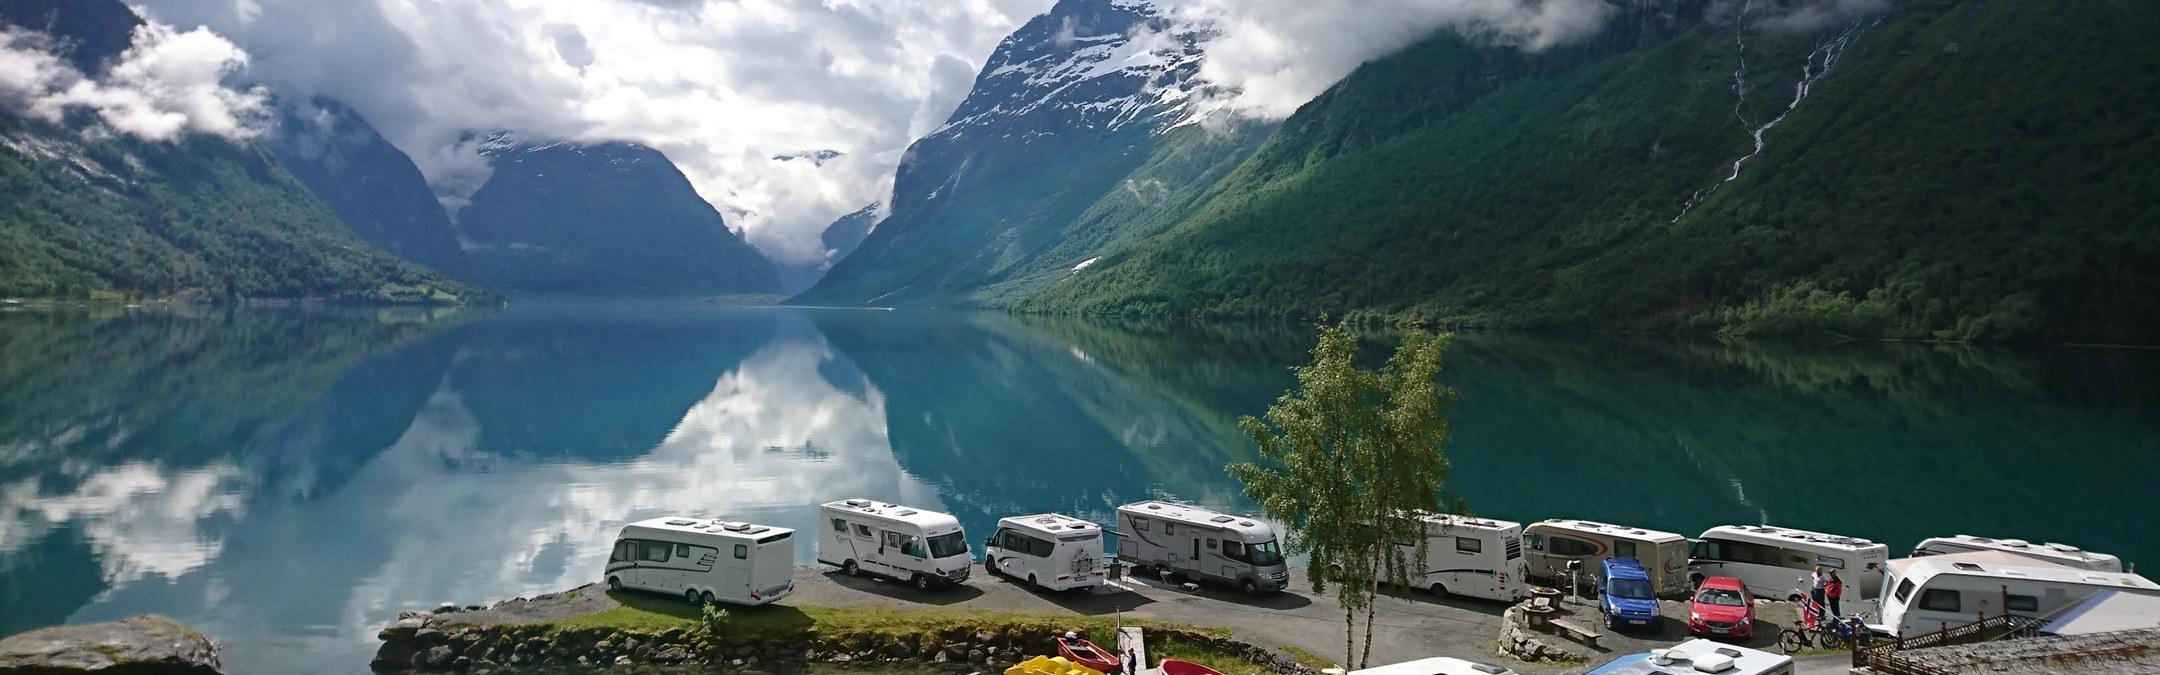 Bobiler ved sjøen på Sande Camping. Fjord og fjell i bakgrunnen.